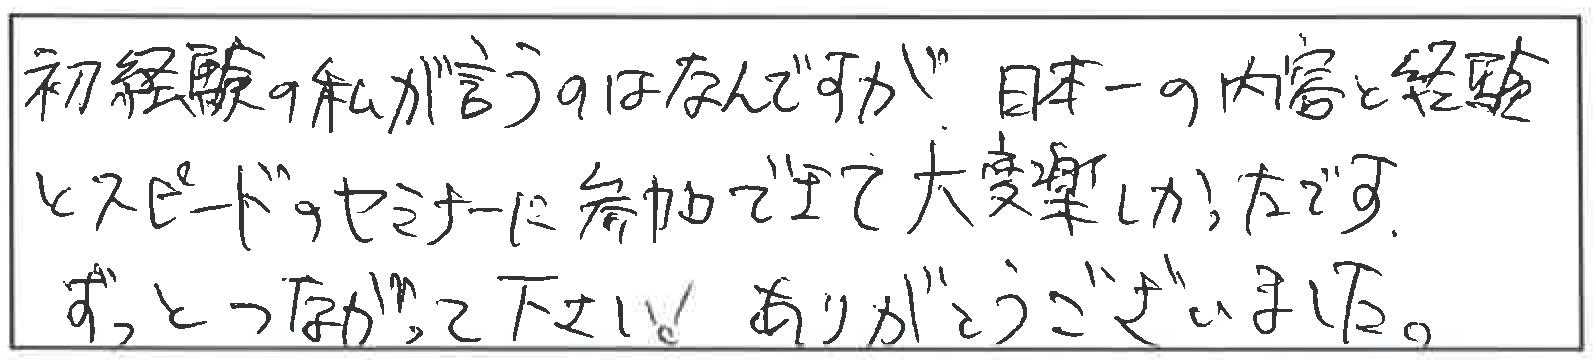 吉澤塾 半年コースの参加者の声画像83